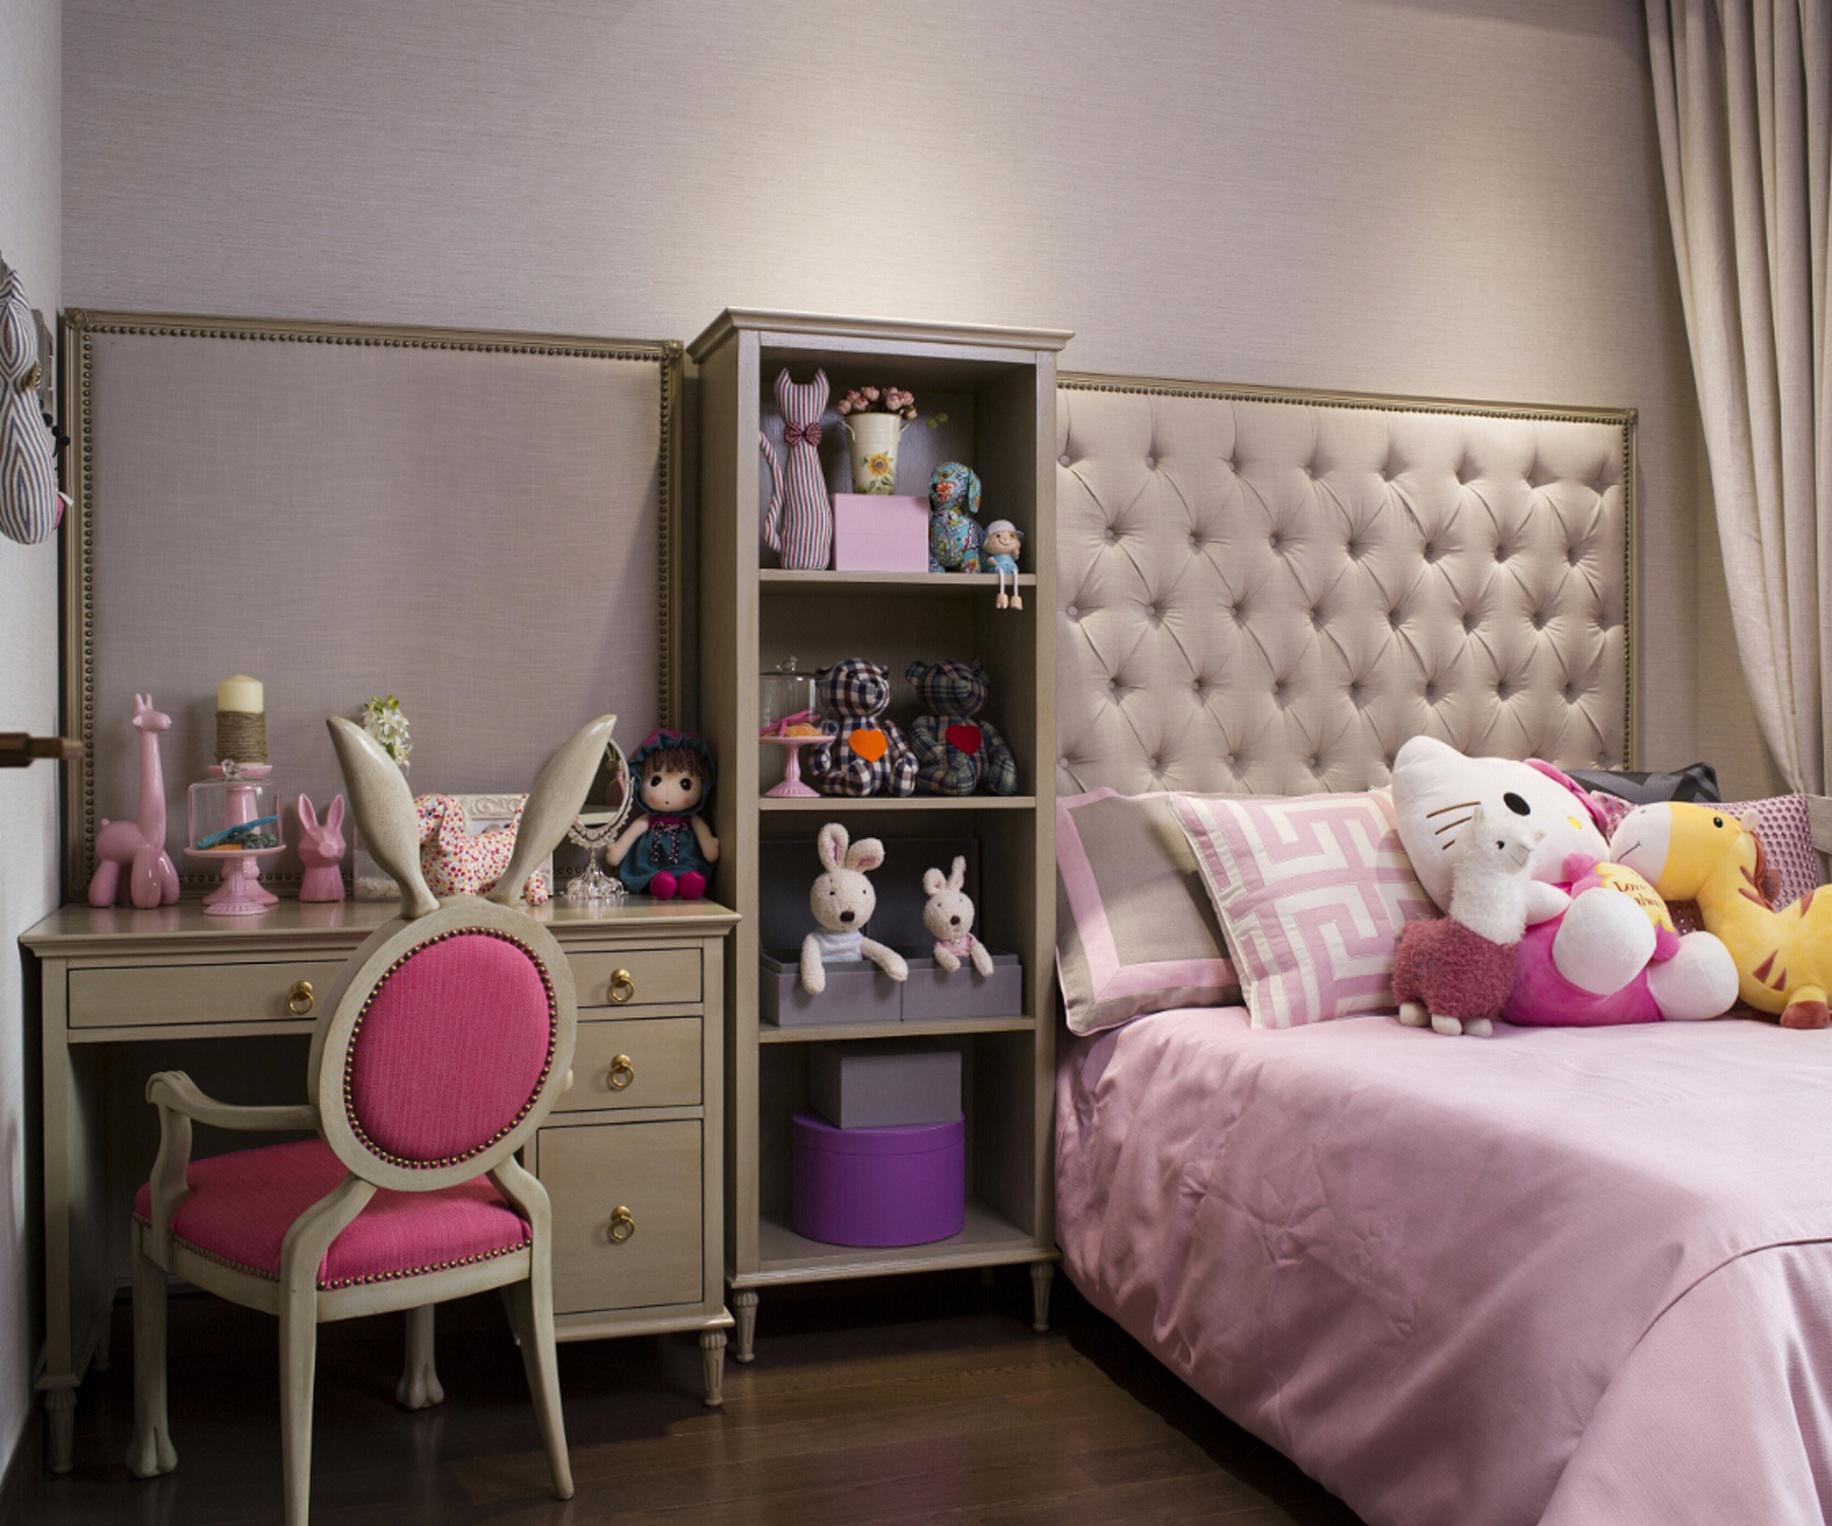 粉色可爱美式儿童房装饰品布置图片